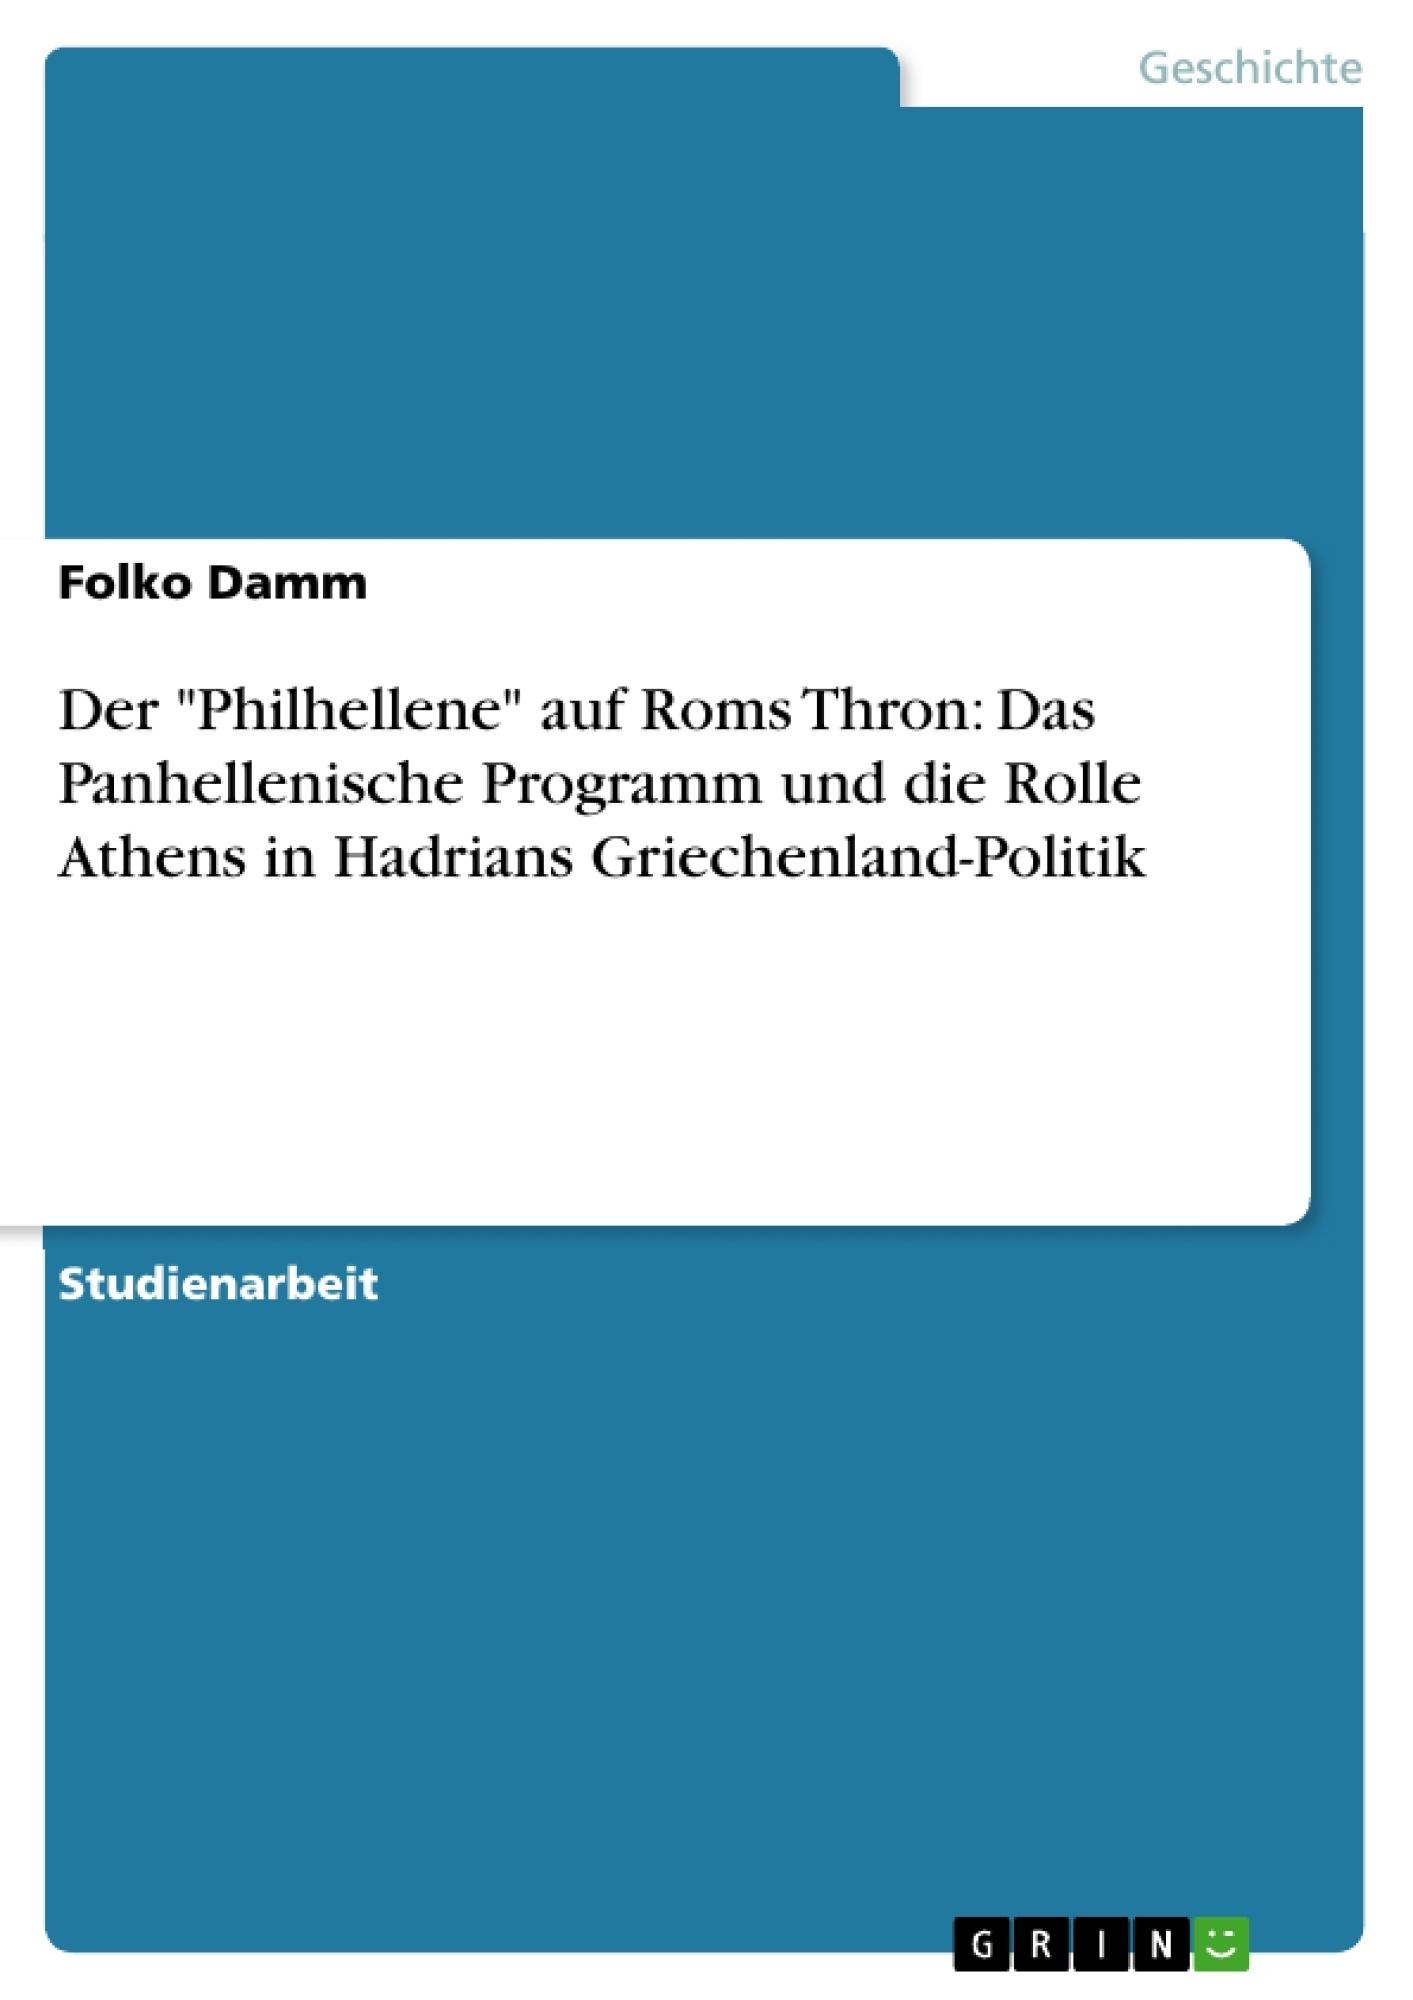 """Titel: Der """"Philhellene"""" auf Roms Thron: Das Panhellenische Programm und die Rolle Athens in Hadrians Griechenland-Politik"""